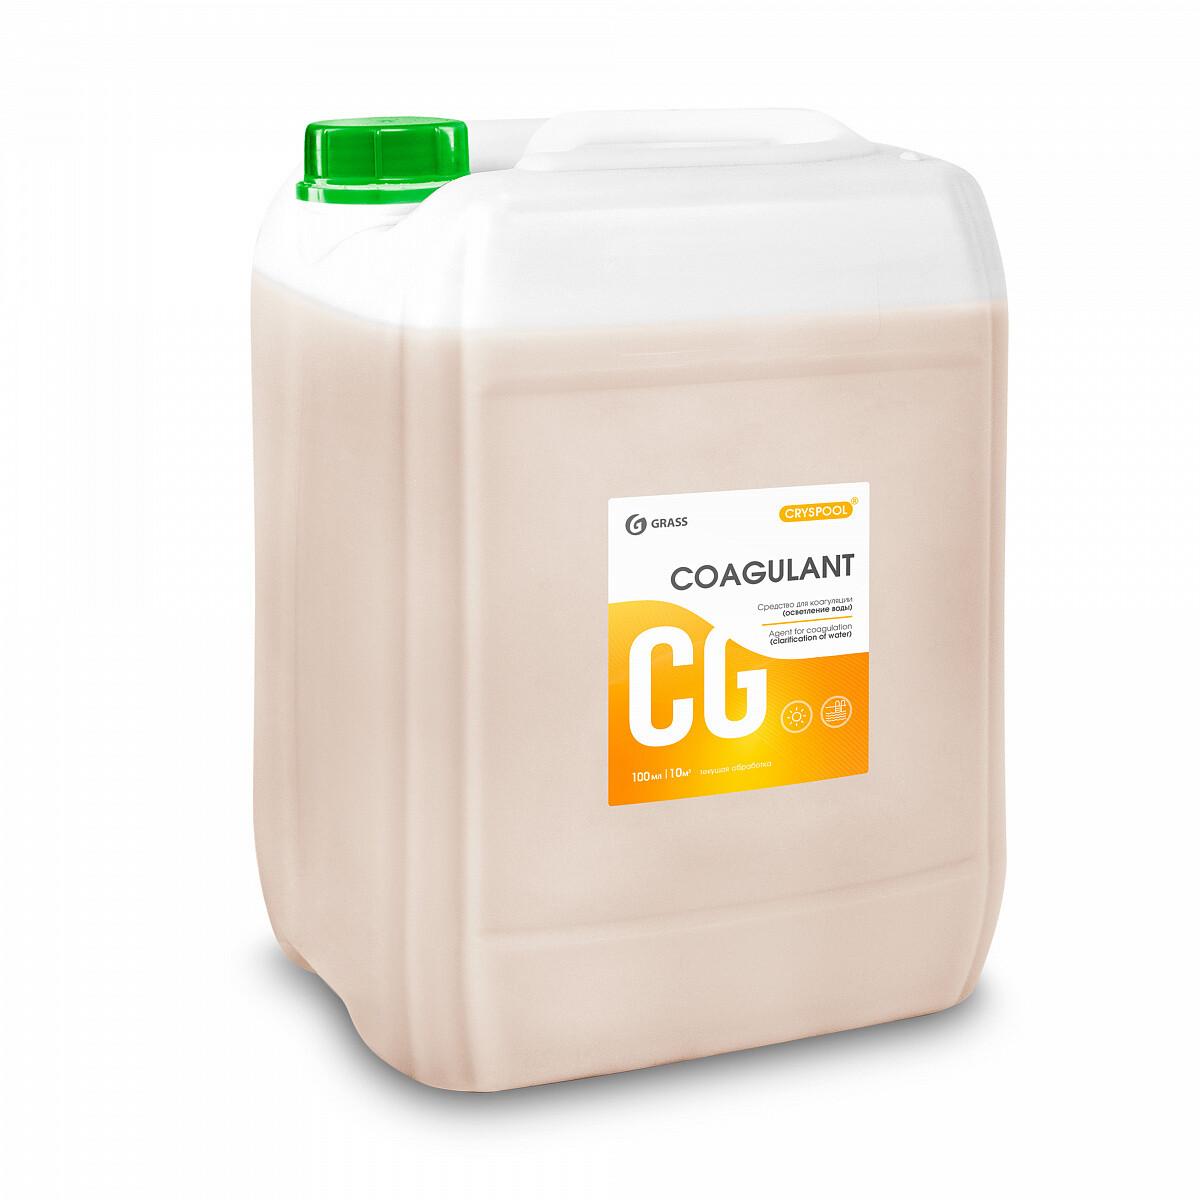 Средство для коагуляции (осветления) воды CRYSPOOL Coagulant, 35 кг